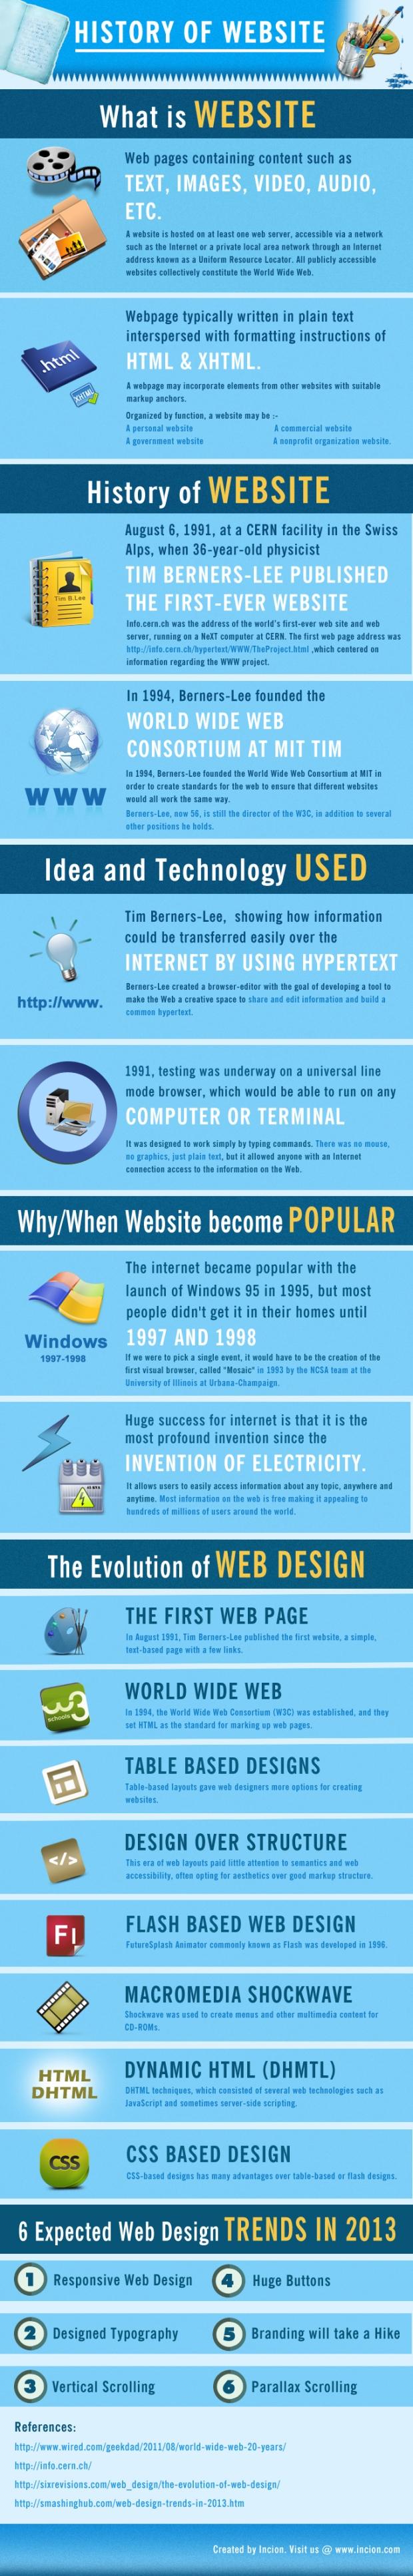 Breve historia de la web